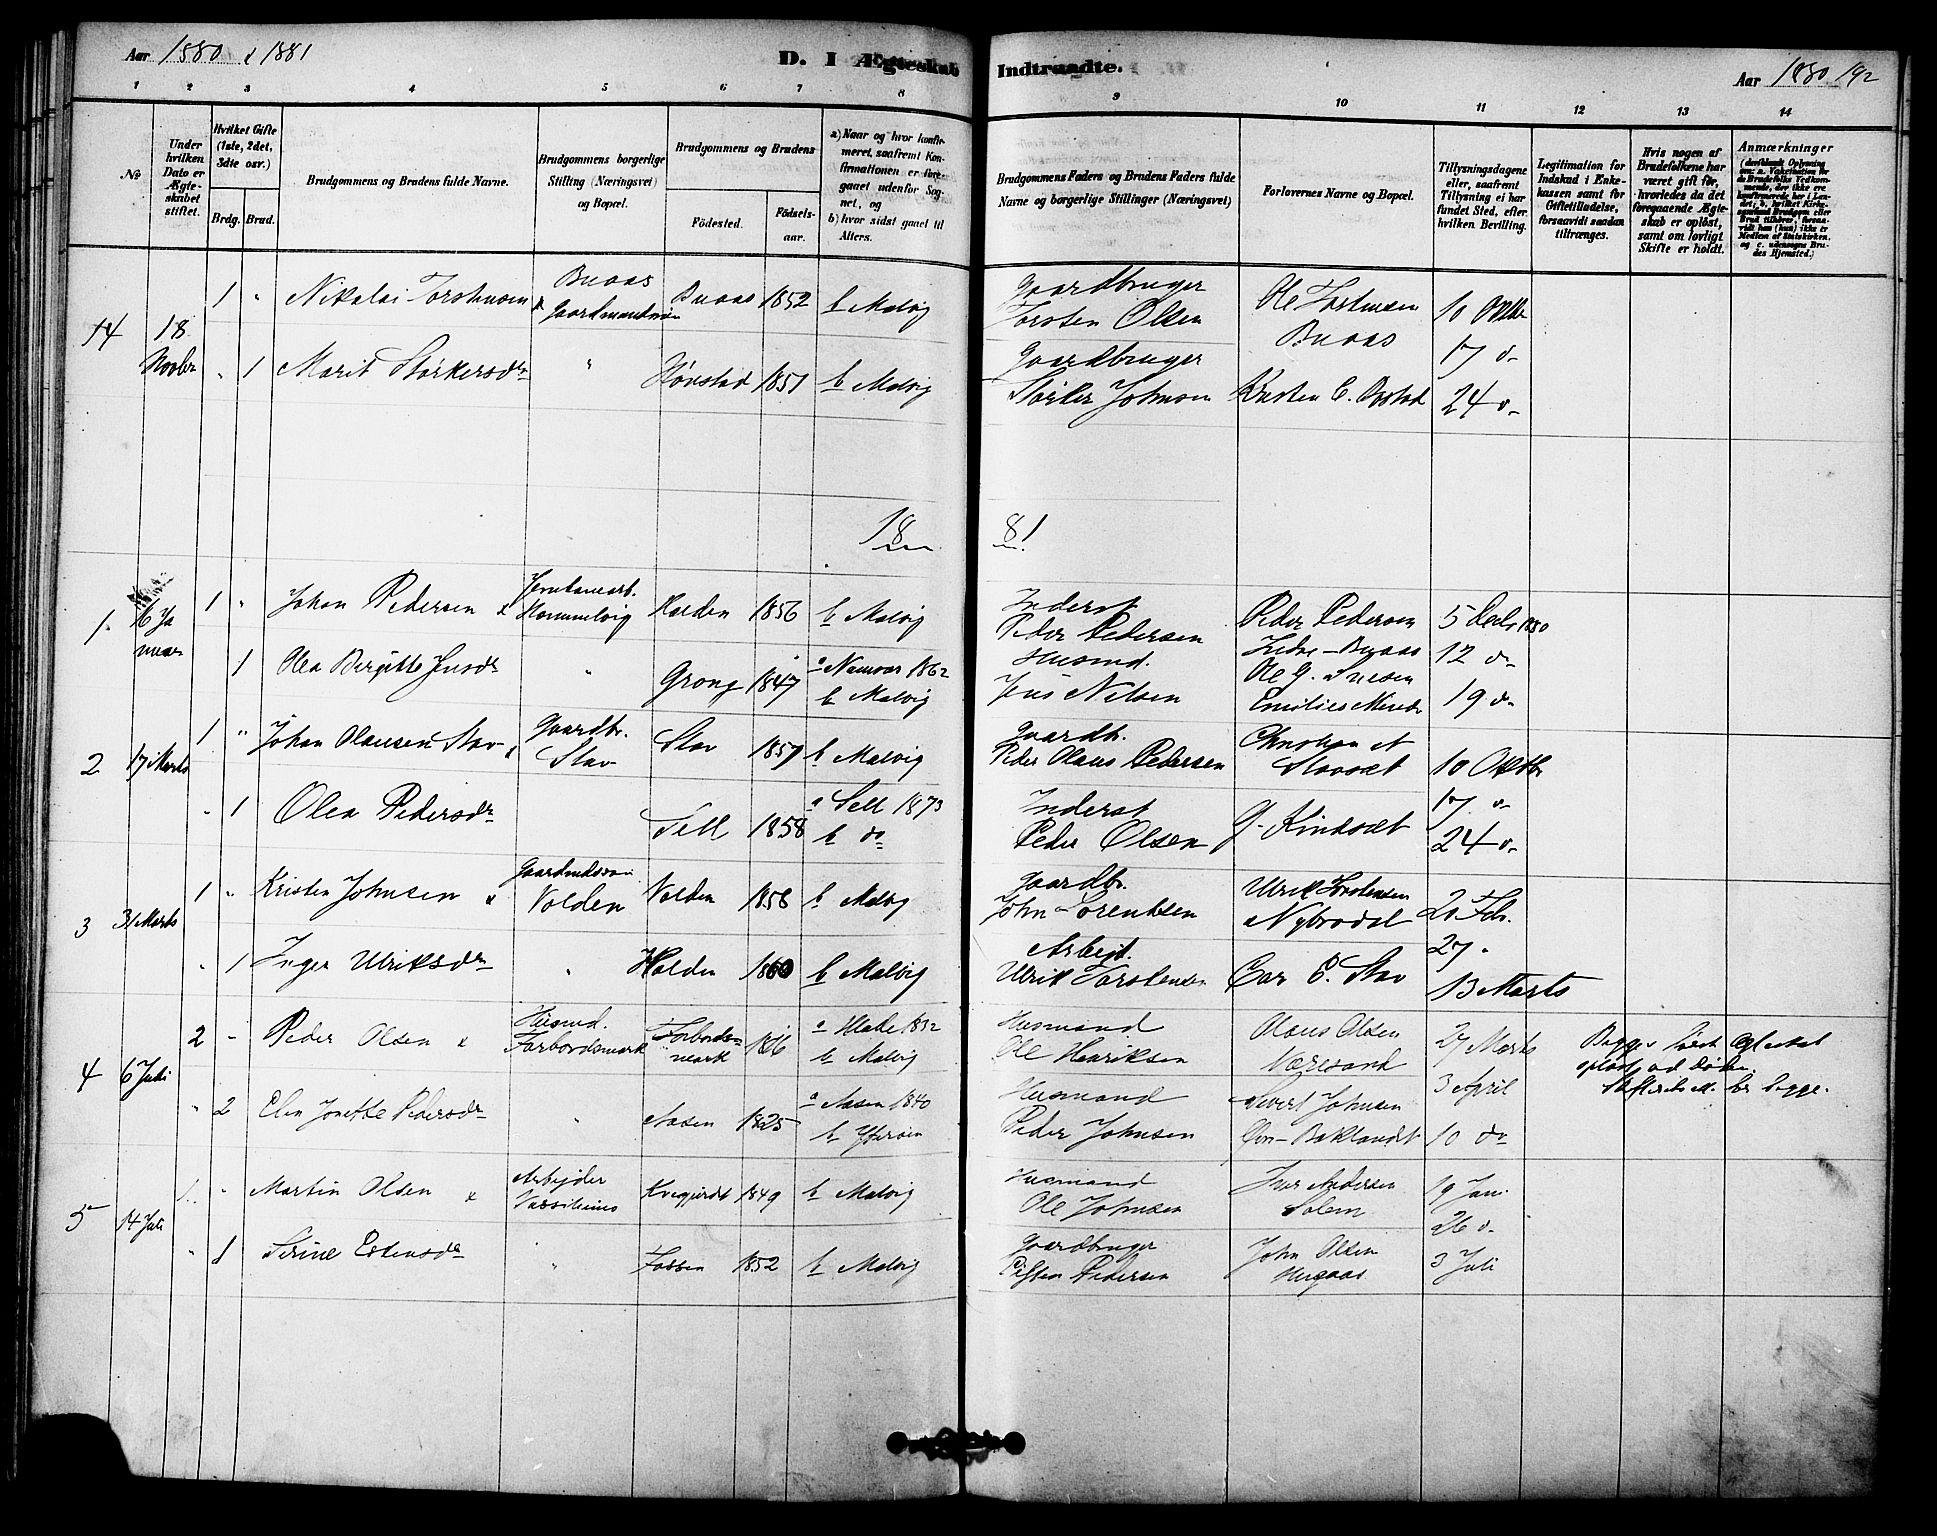 SAT, Ministerialprotokoller, klokkerbøker og fødselsregistre - Sør-Trøndelag, 616/L0410: Ministerialbok nr. 616A07, 1878-1893, s. 192